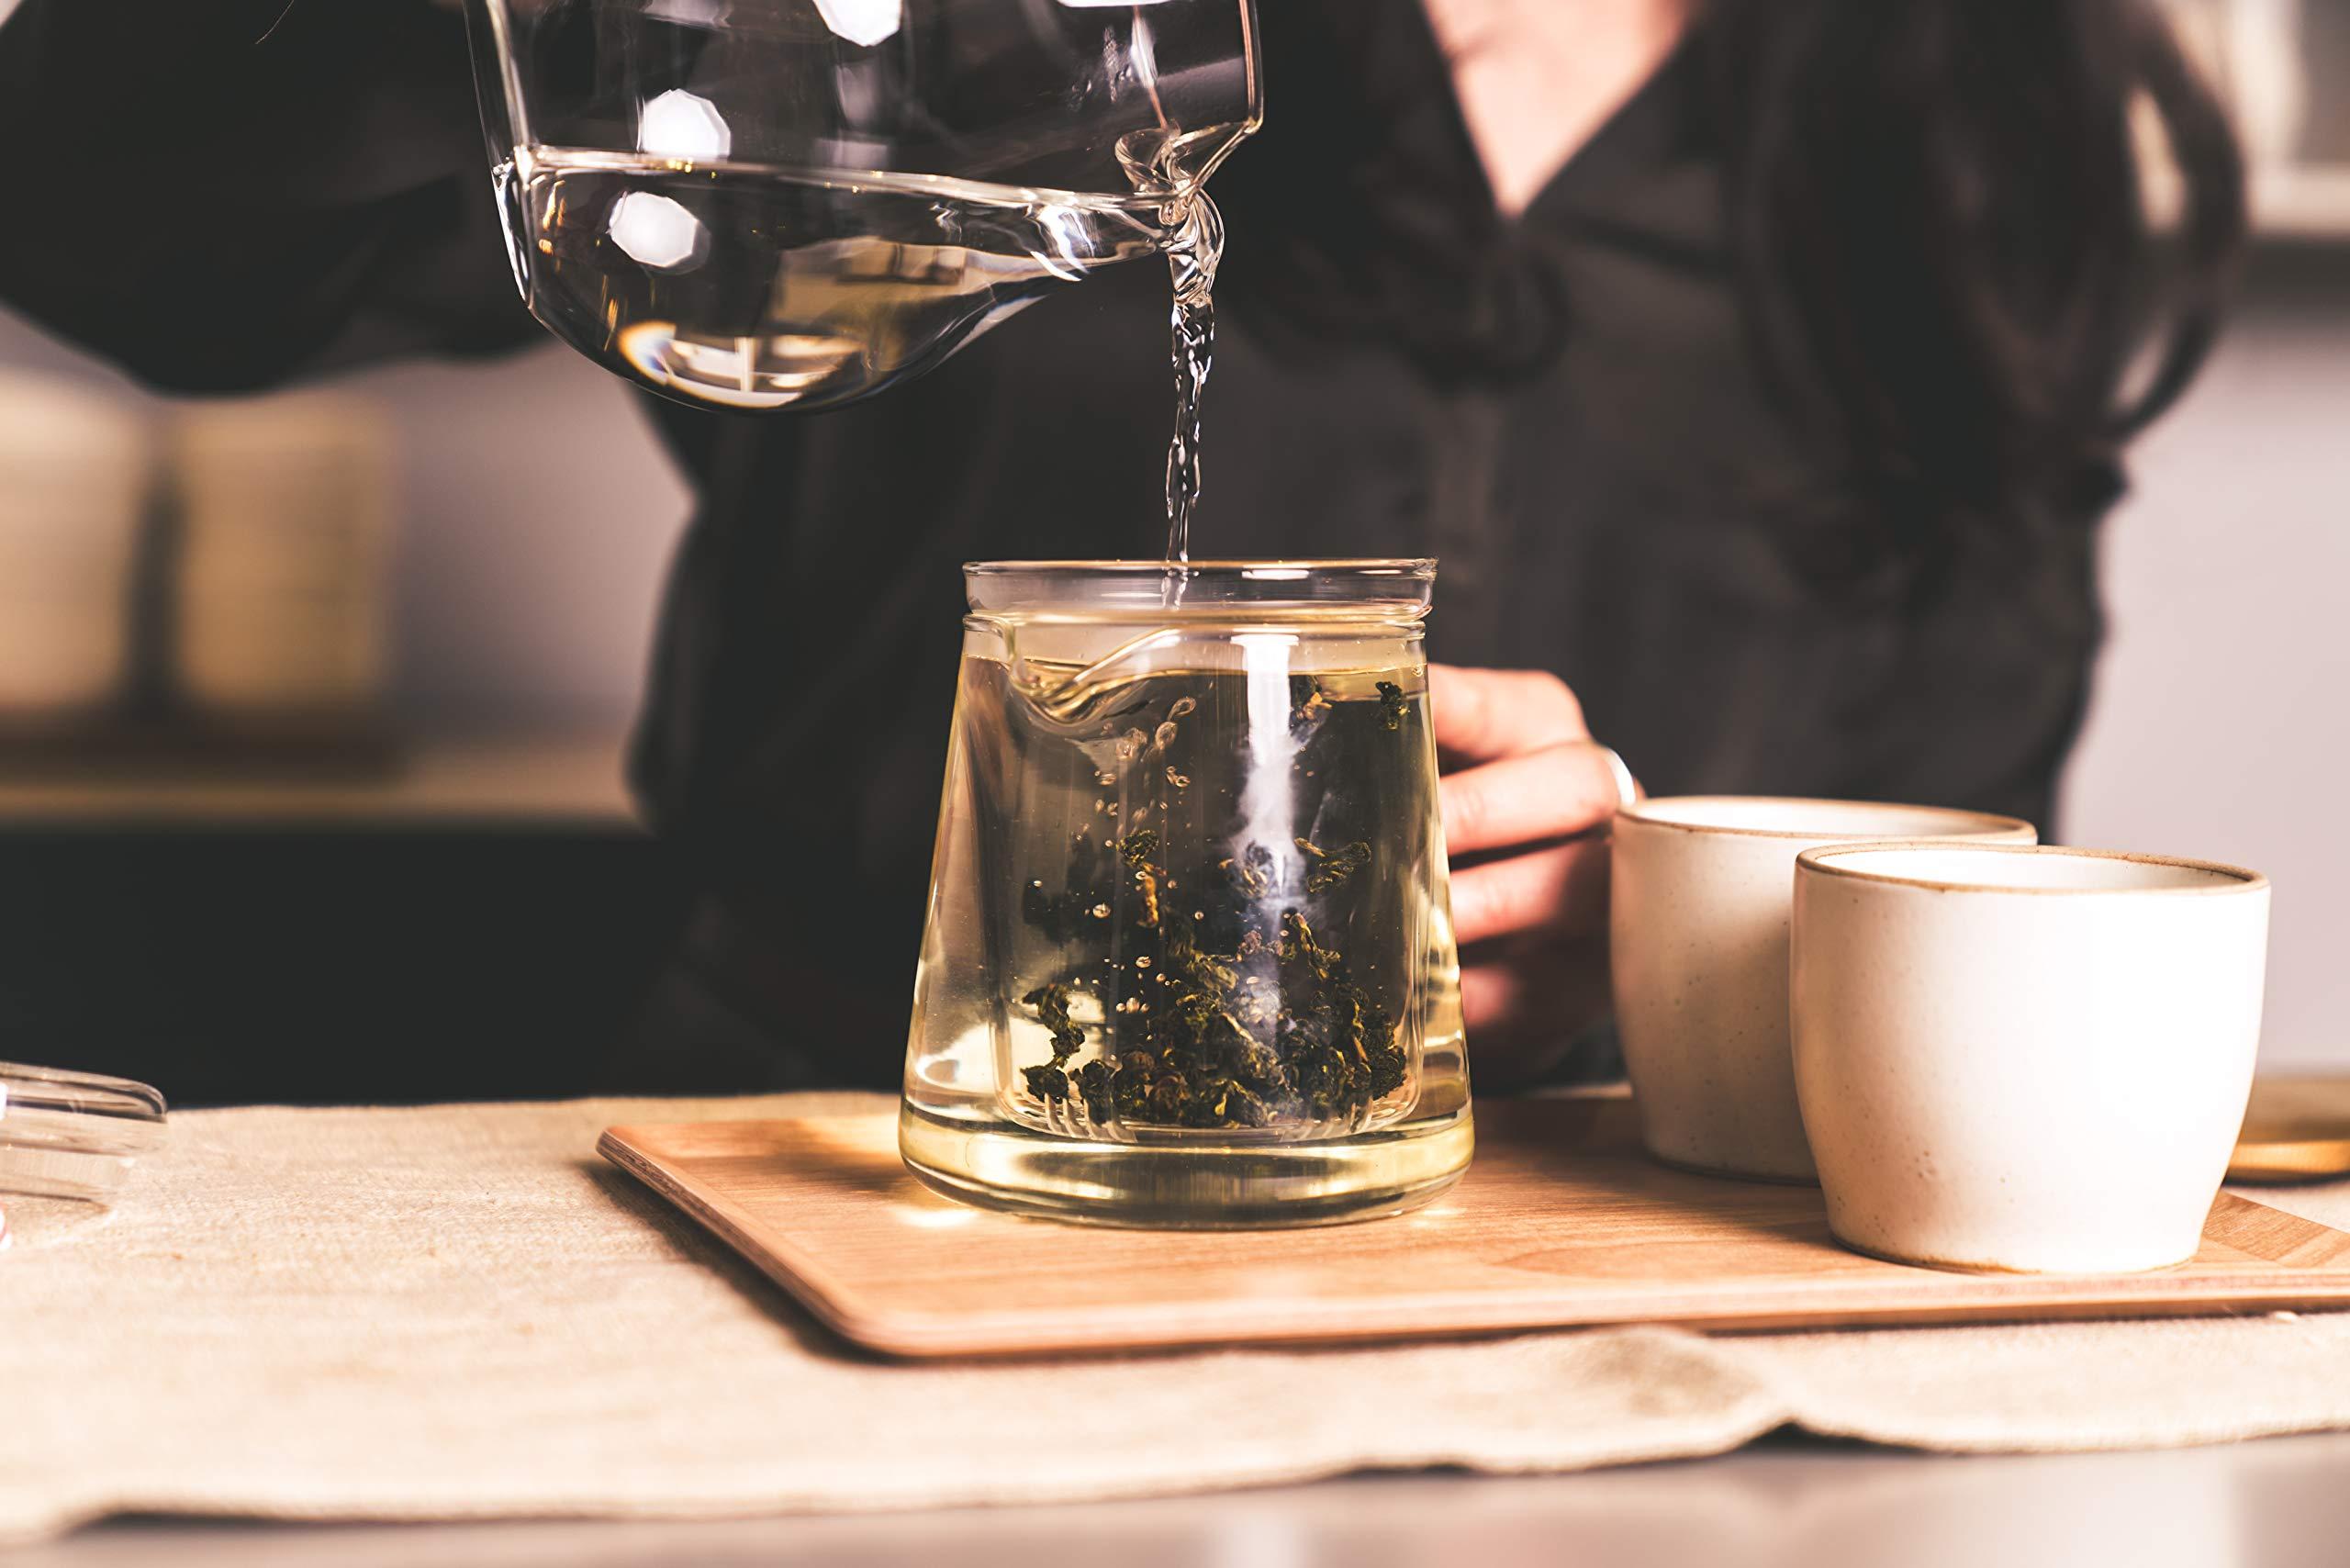 P-T-White-Earl-Bio-Ganzblatt-Weitee-Mischung-Earl-Grey-Style-Mix-aus-chinesischem-weien-Tee-und-Bergamotte-Metalldose-40g-14oz